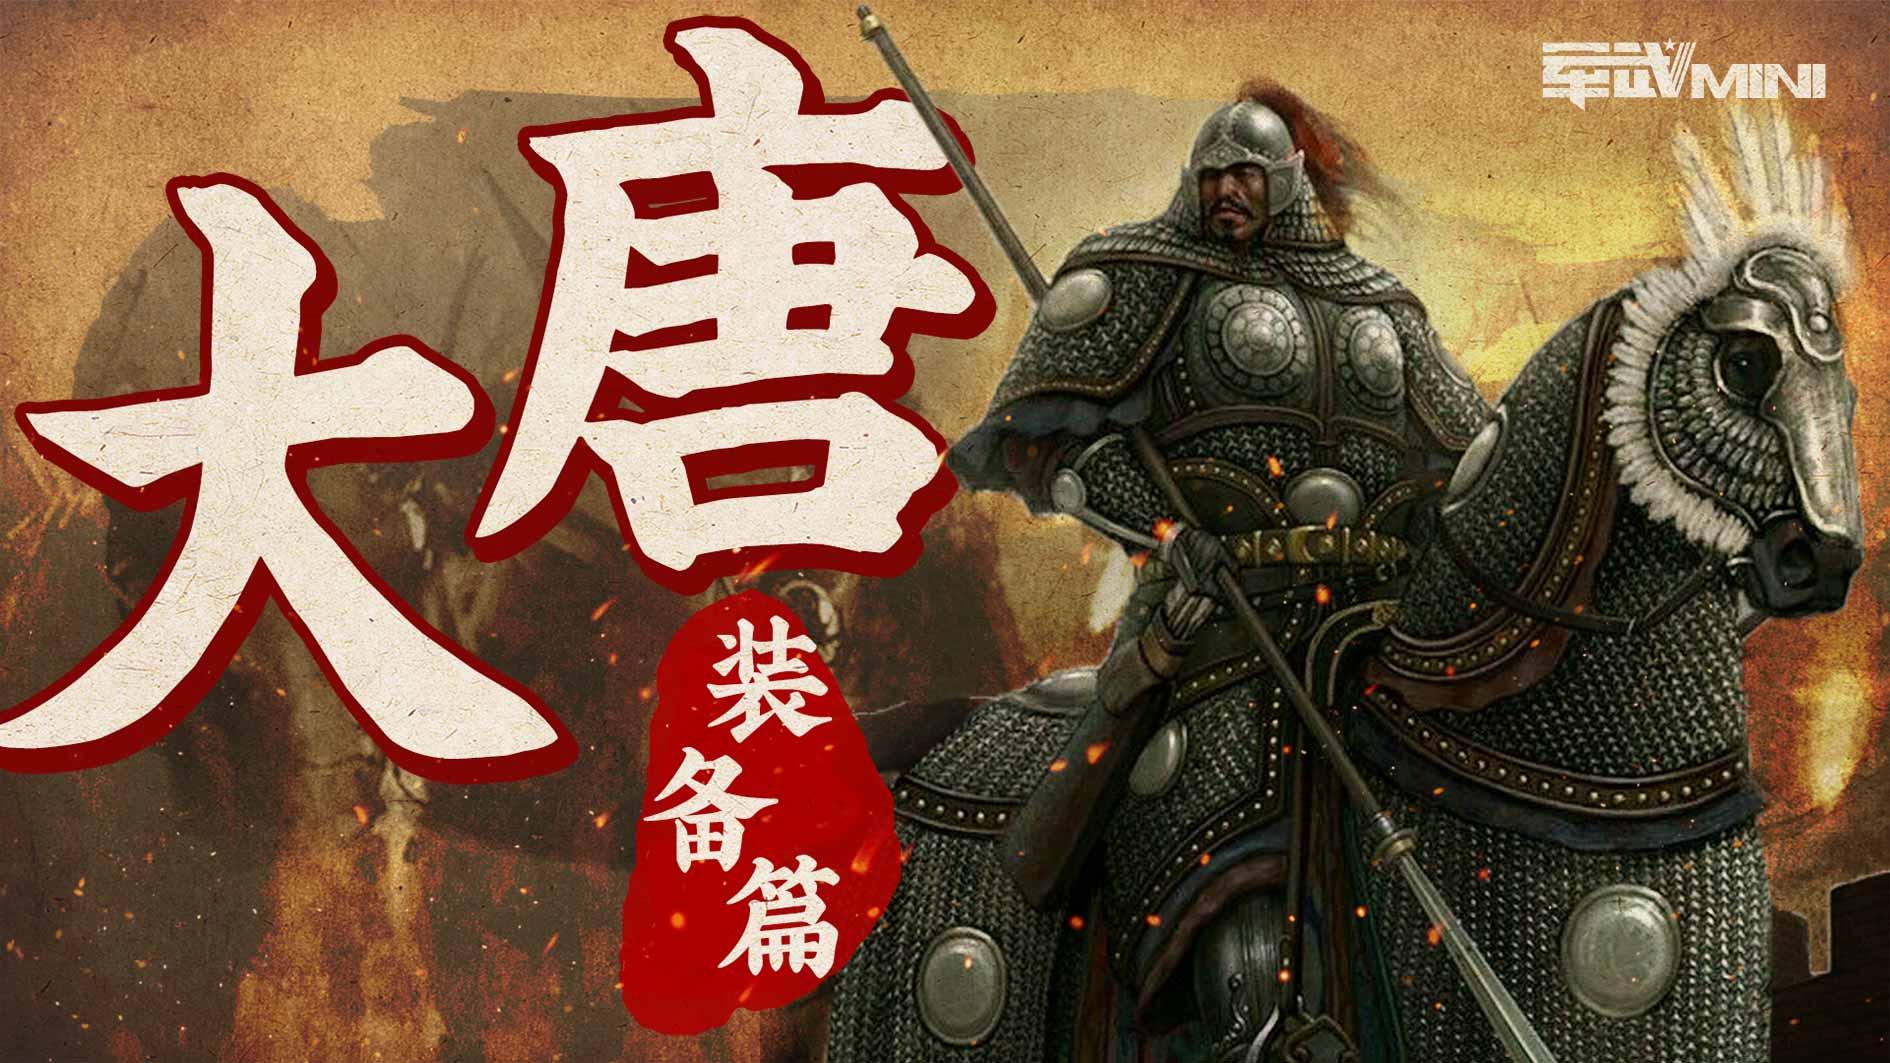 强大的唐朝不需要长城来防守 大唐铁甲骑兵早已彻底统治草原